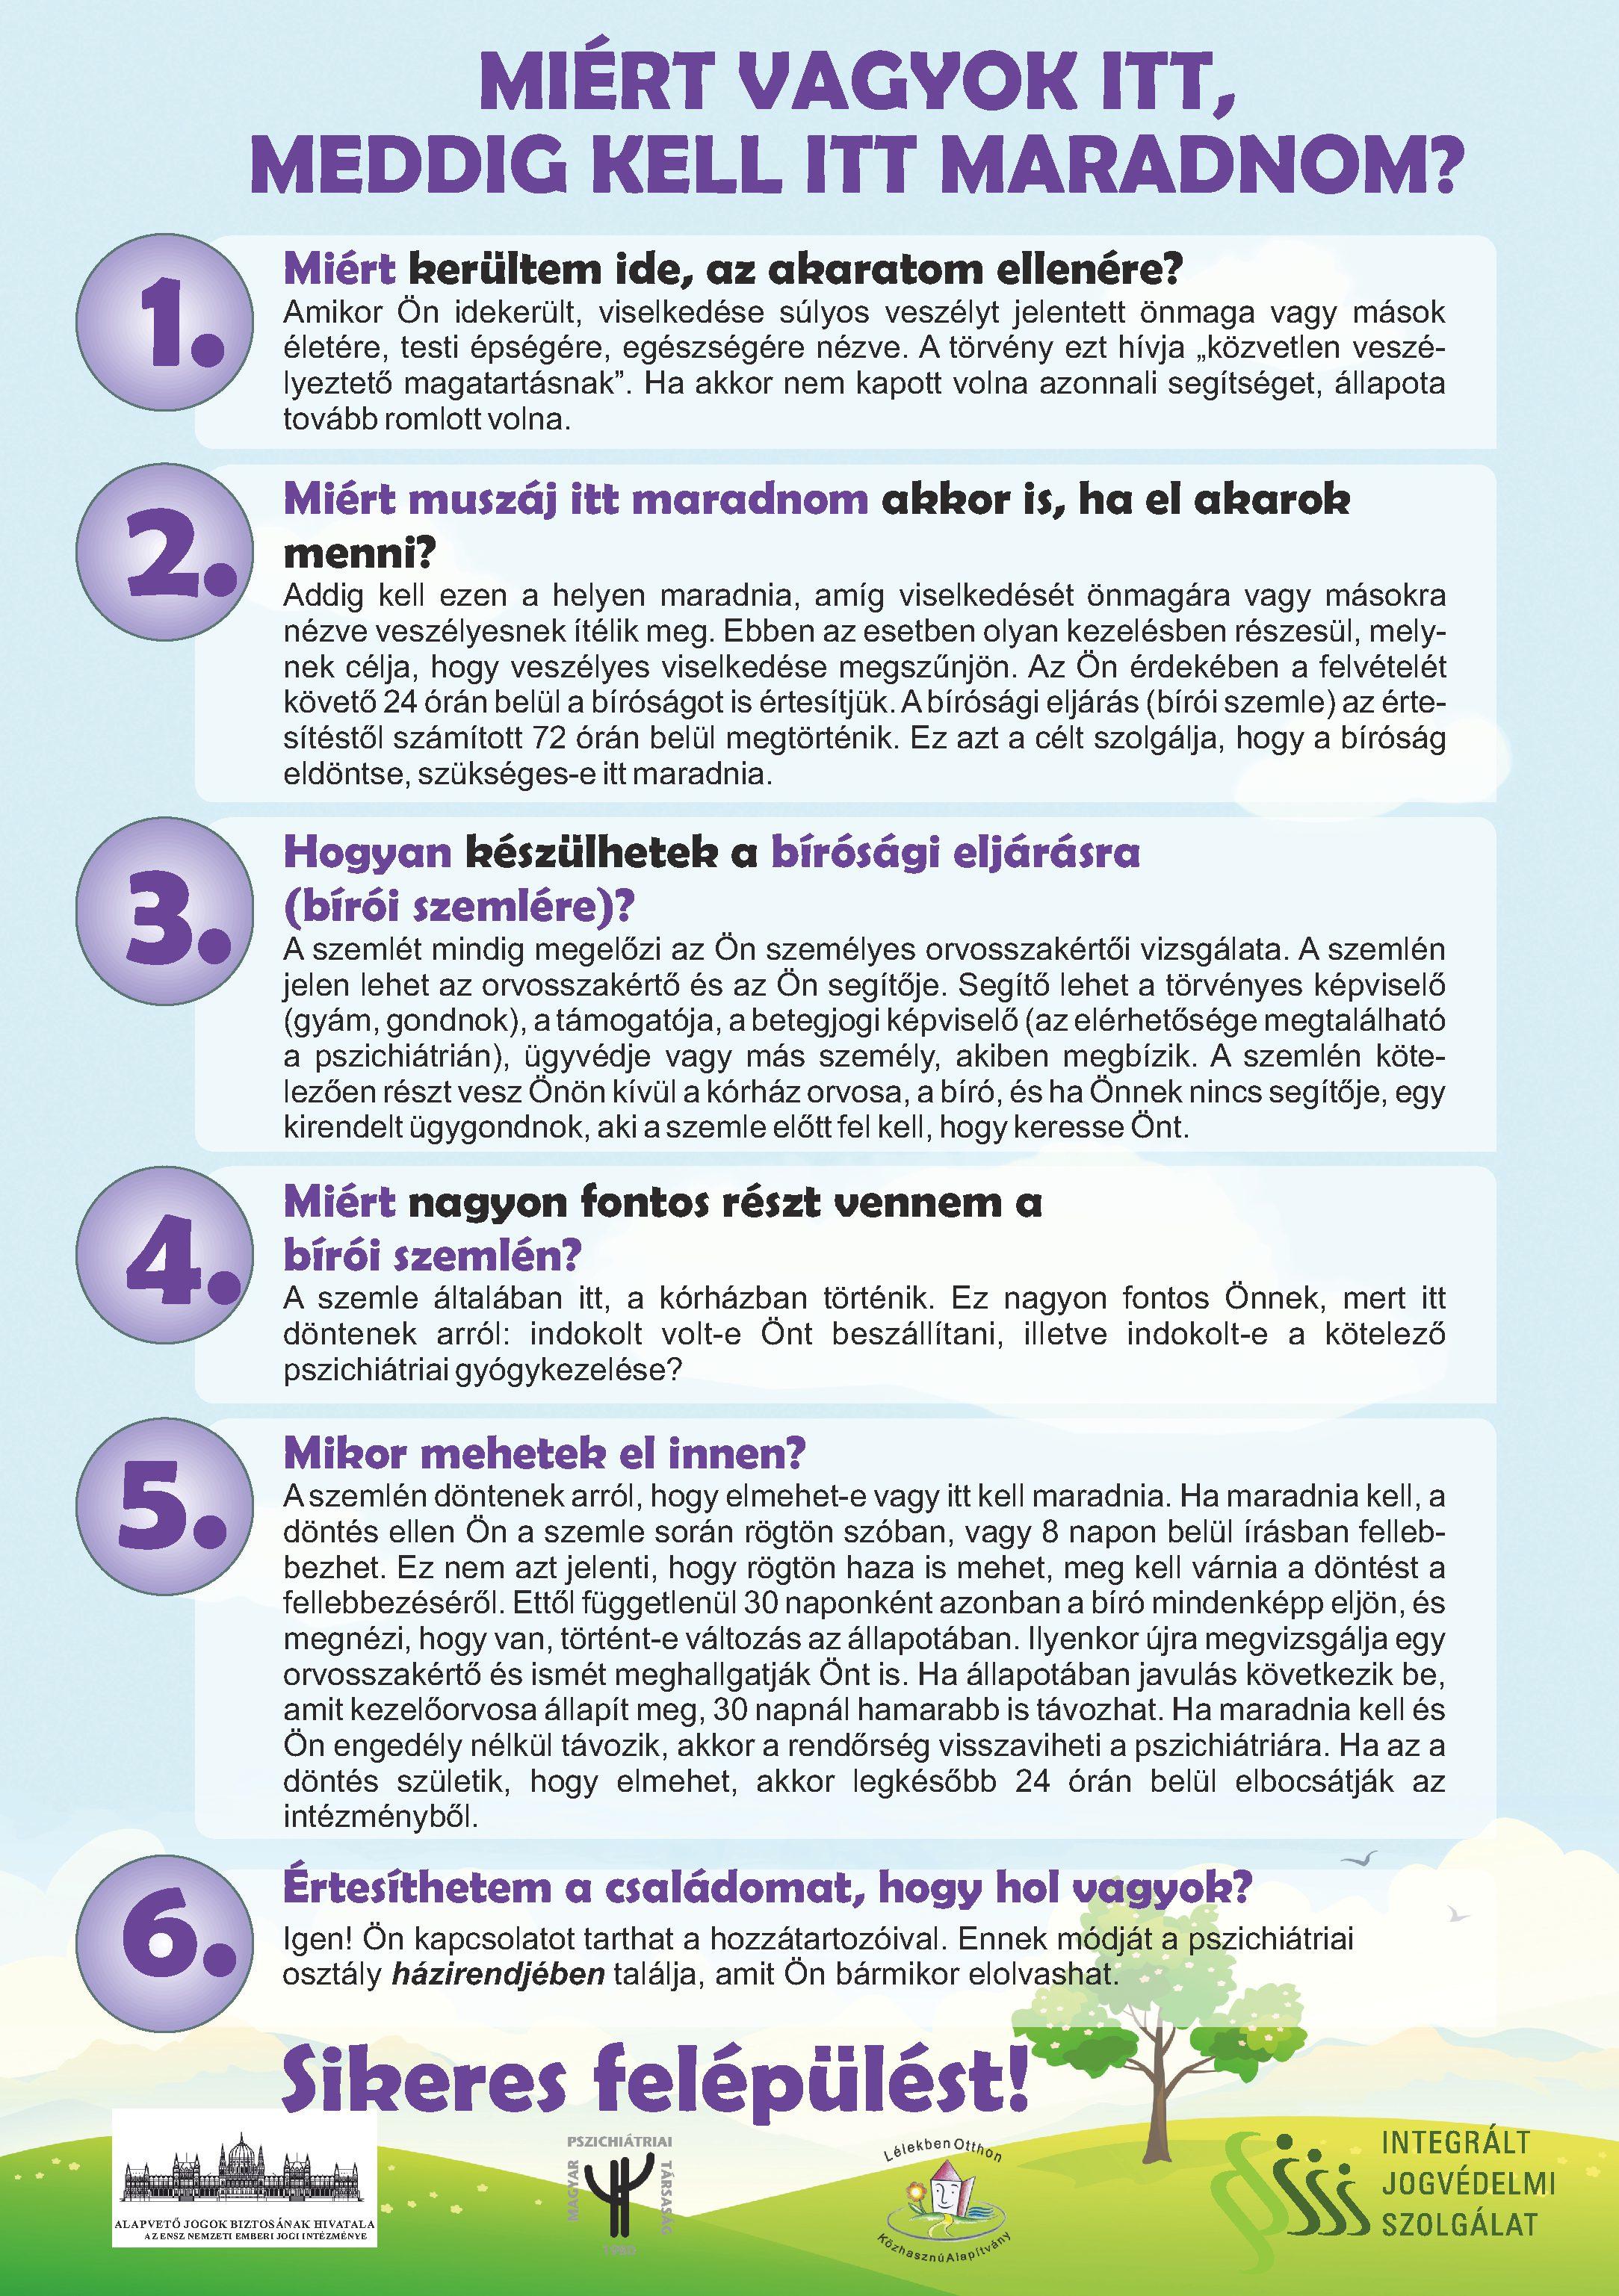 Betegtájékoztató poszter a pszhichiátriai betegek jogairól